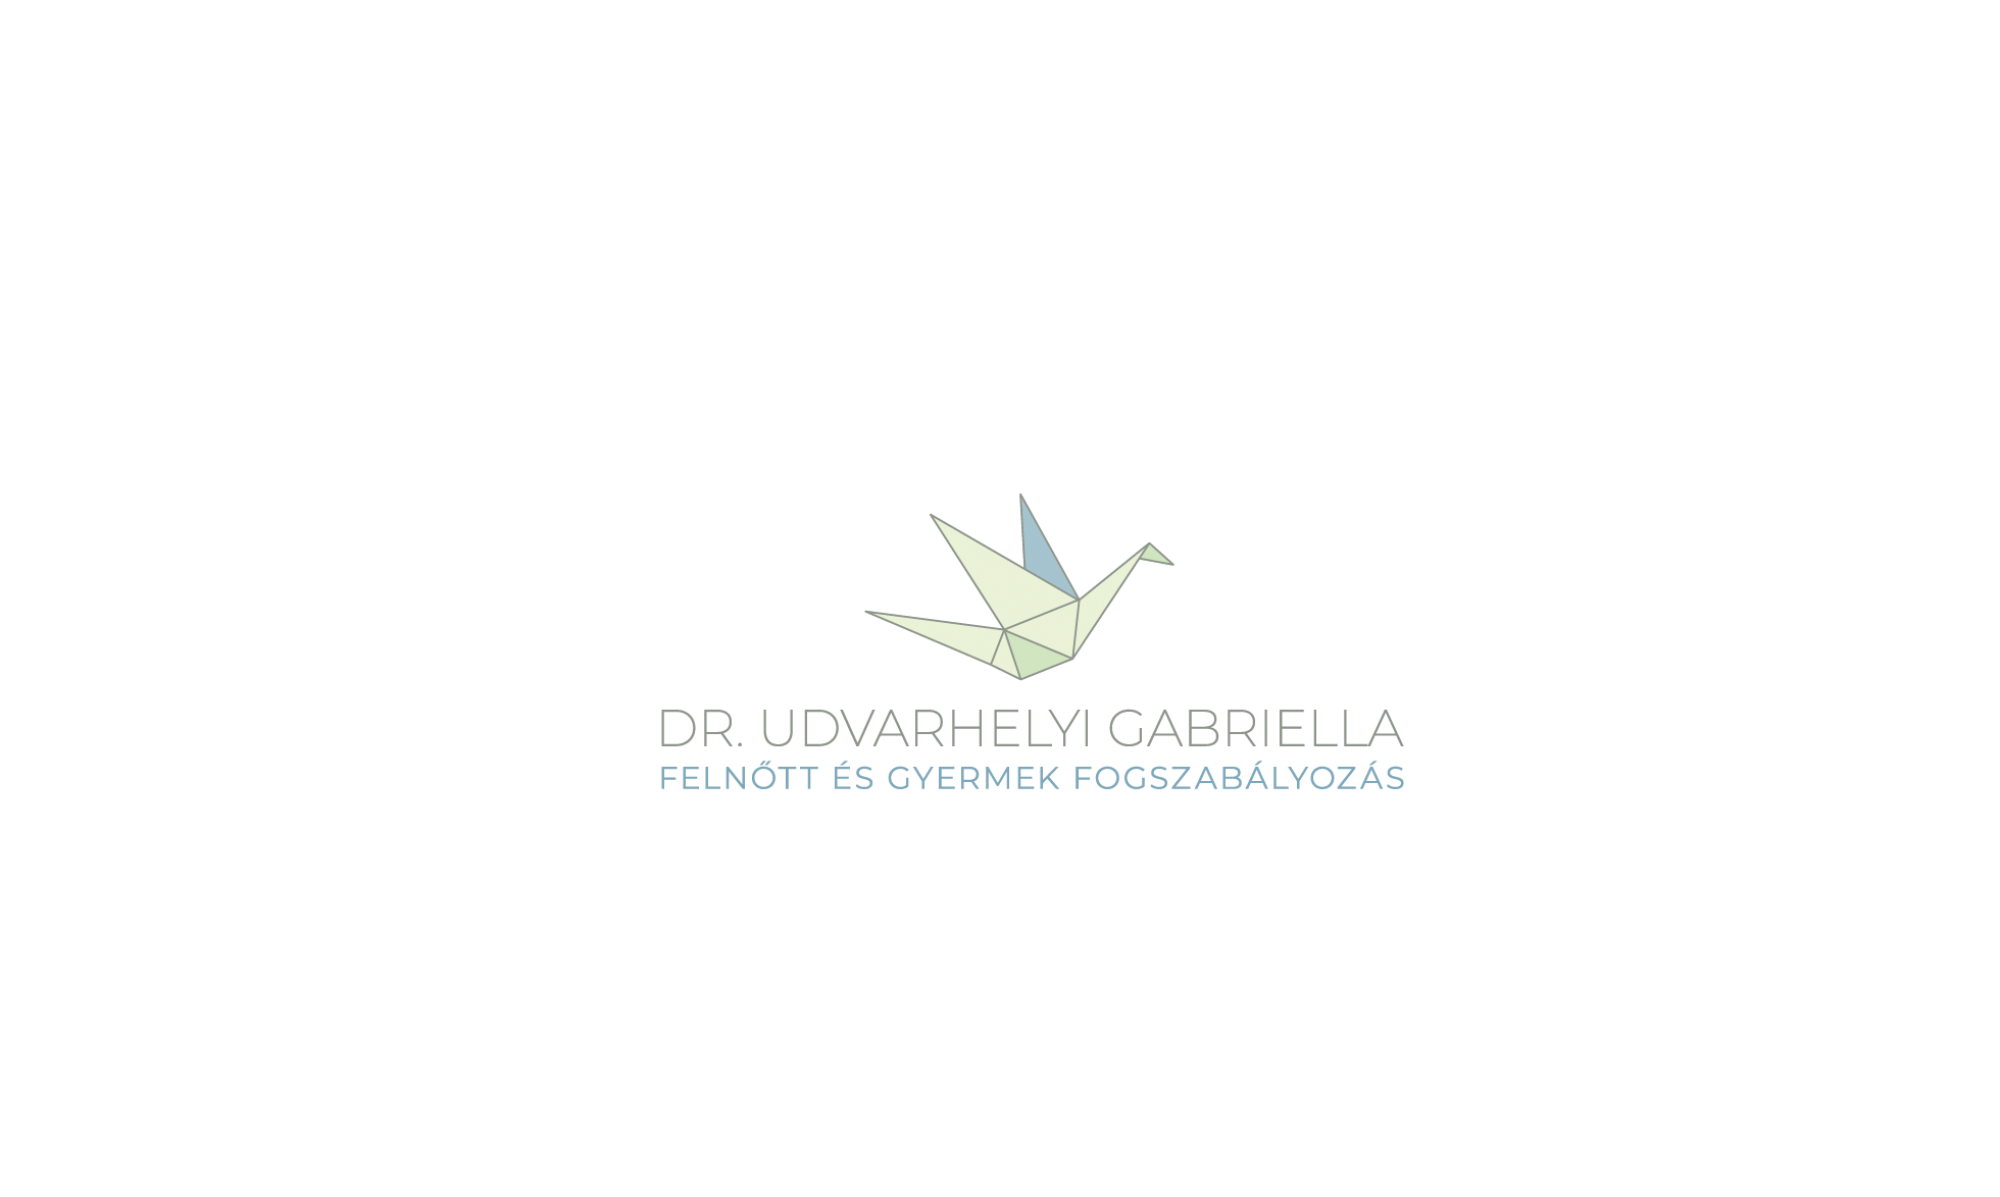 www.drudvarhelyigabriella.hu